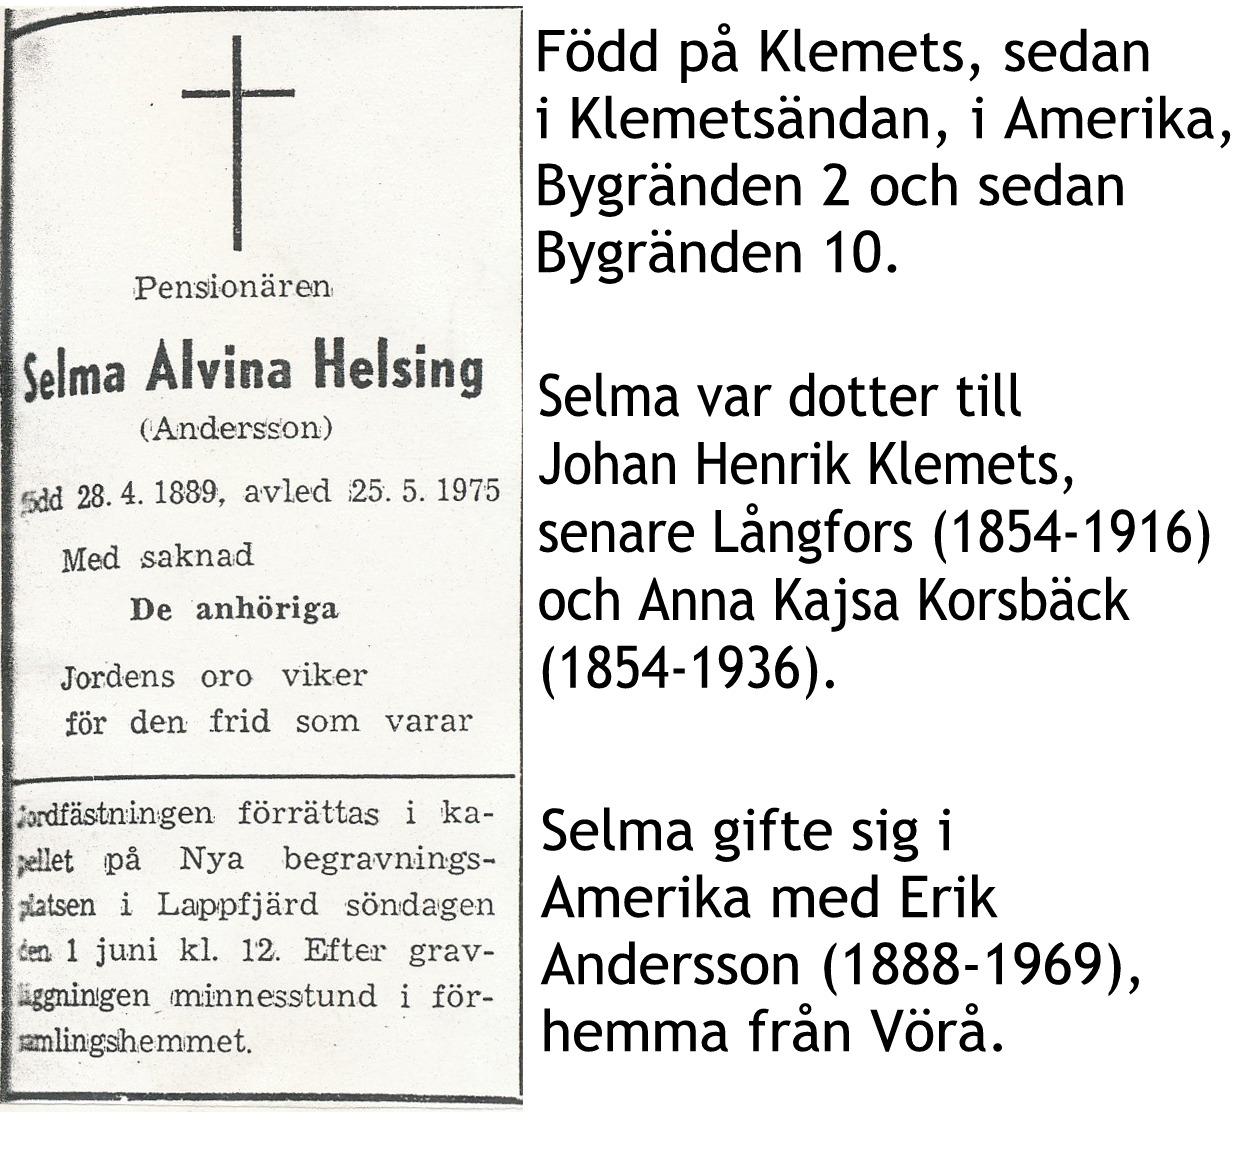 Andersson Selma Helsing